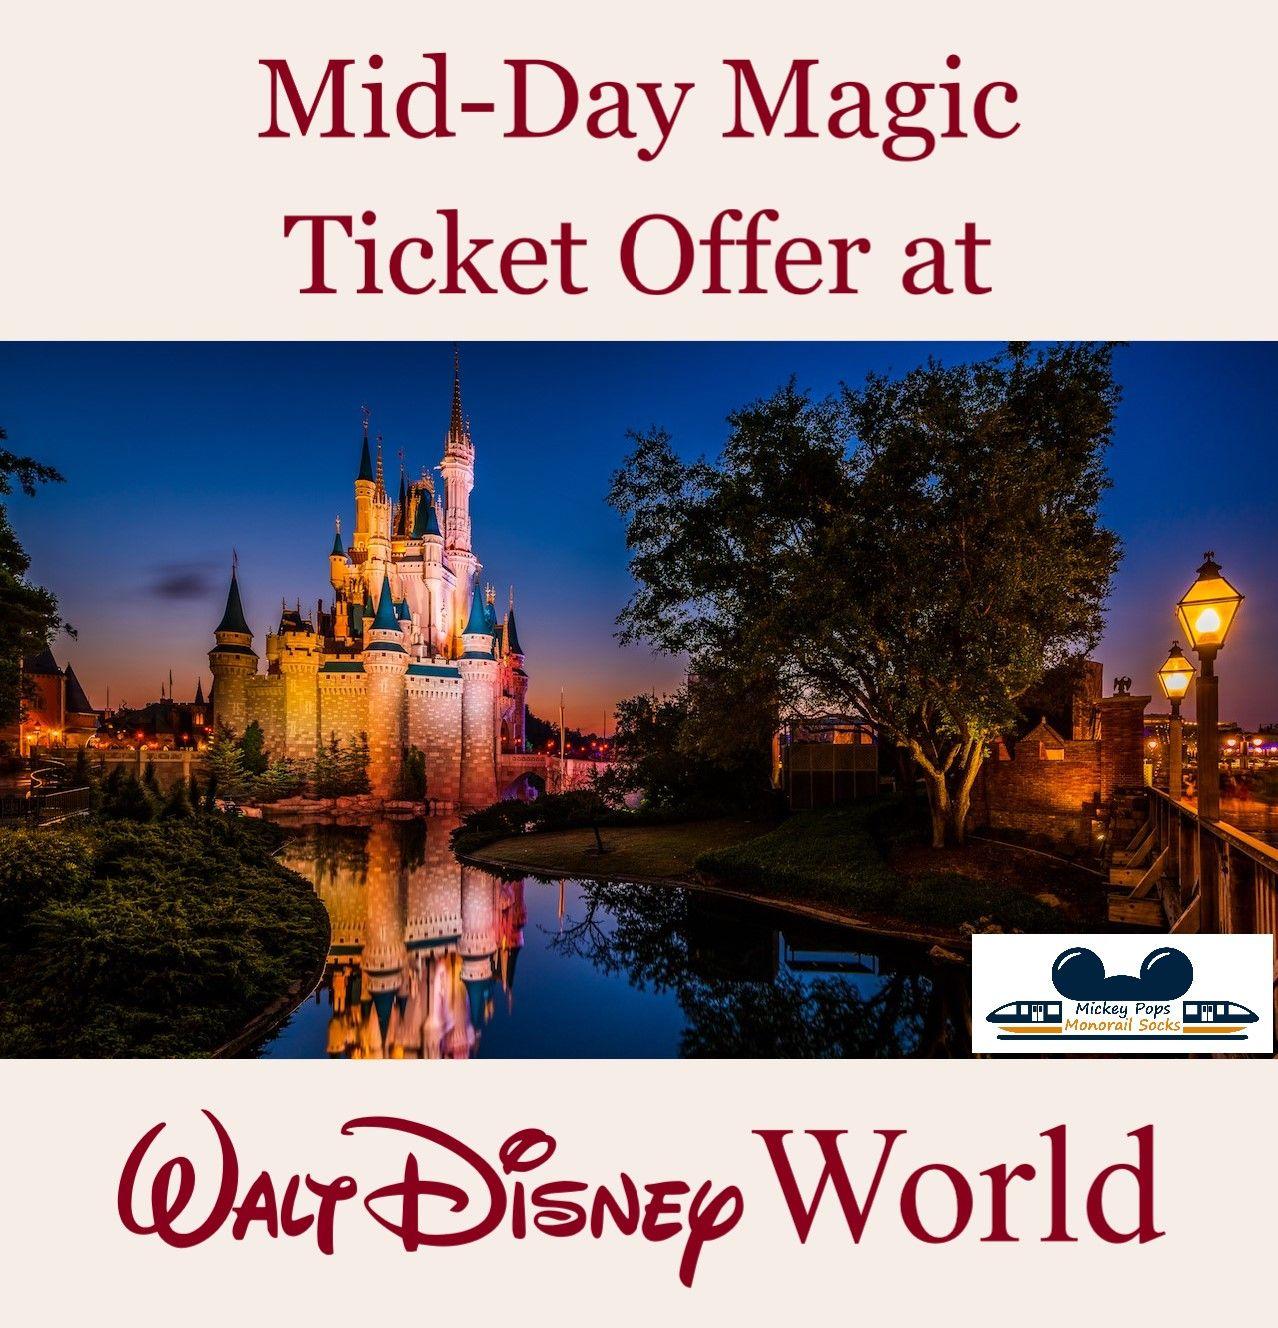 Mid Day Magic Ticket Offer For Walt Disney World Resort 2019 Disney World Planning Disney World Vacation Walt Disney World